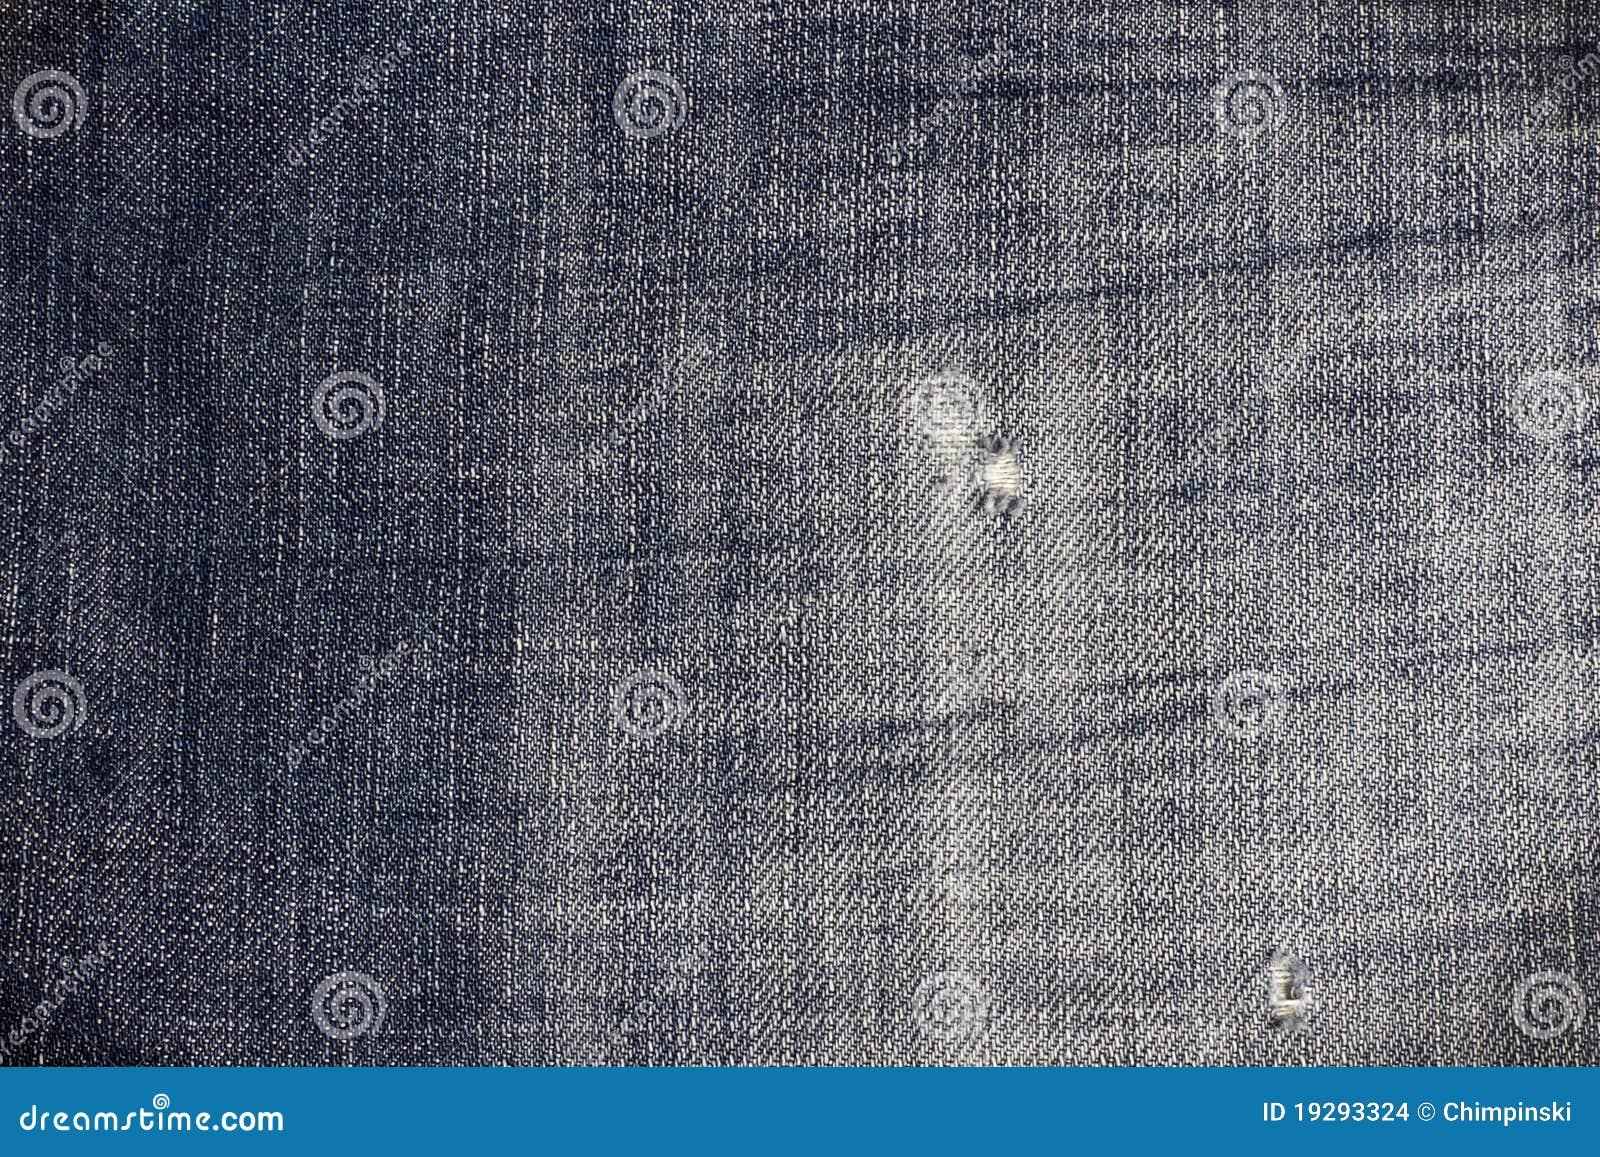 текстура джинсыов